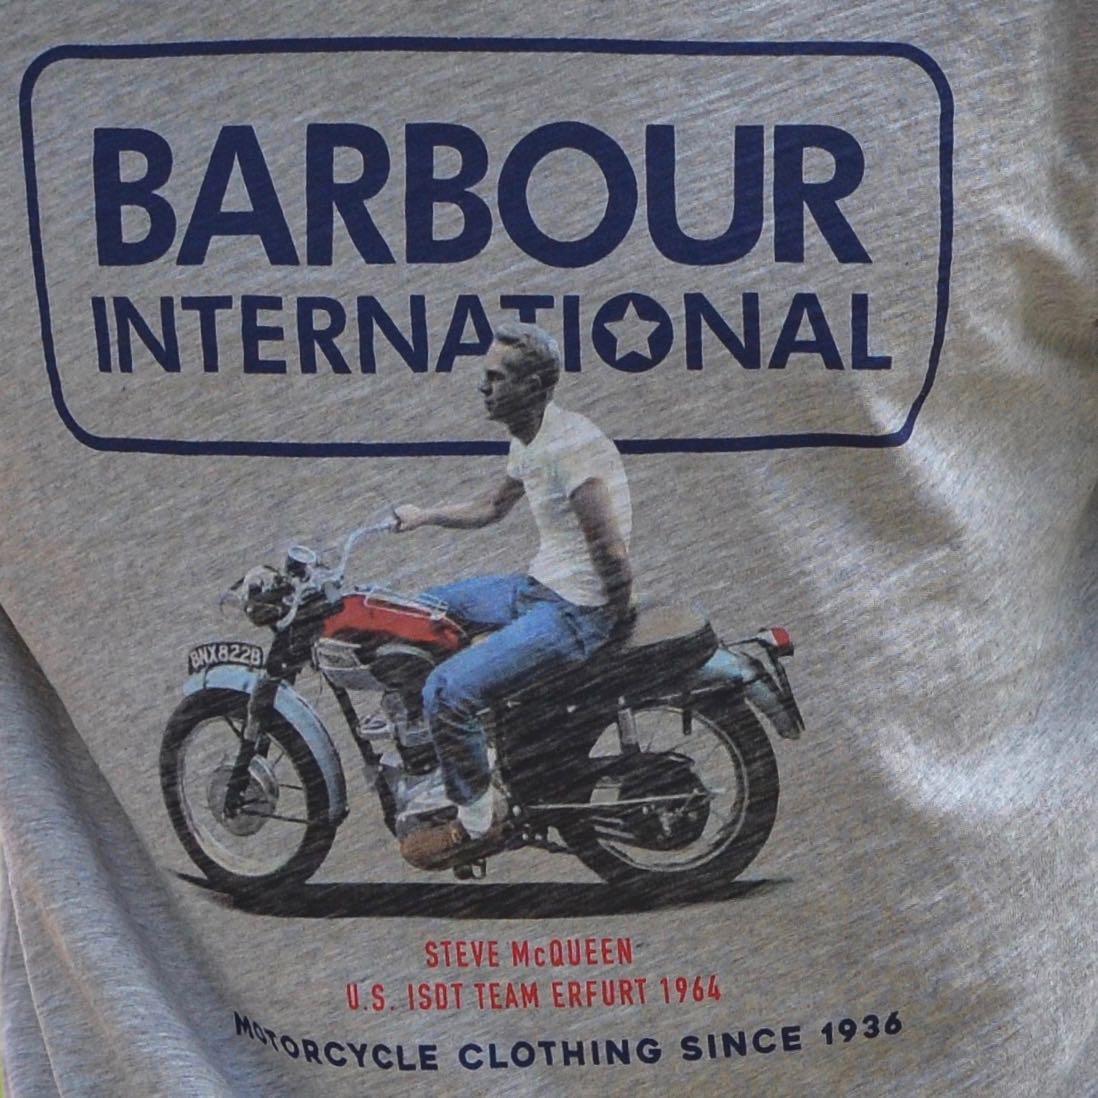 barbour inernational ligne steve mcqueen